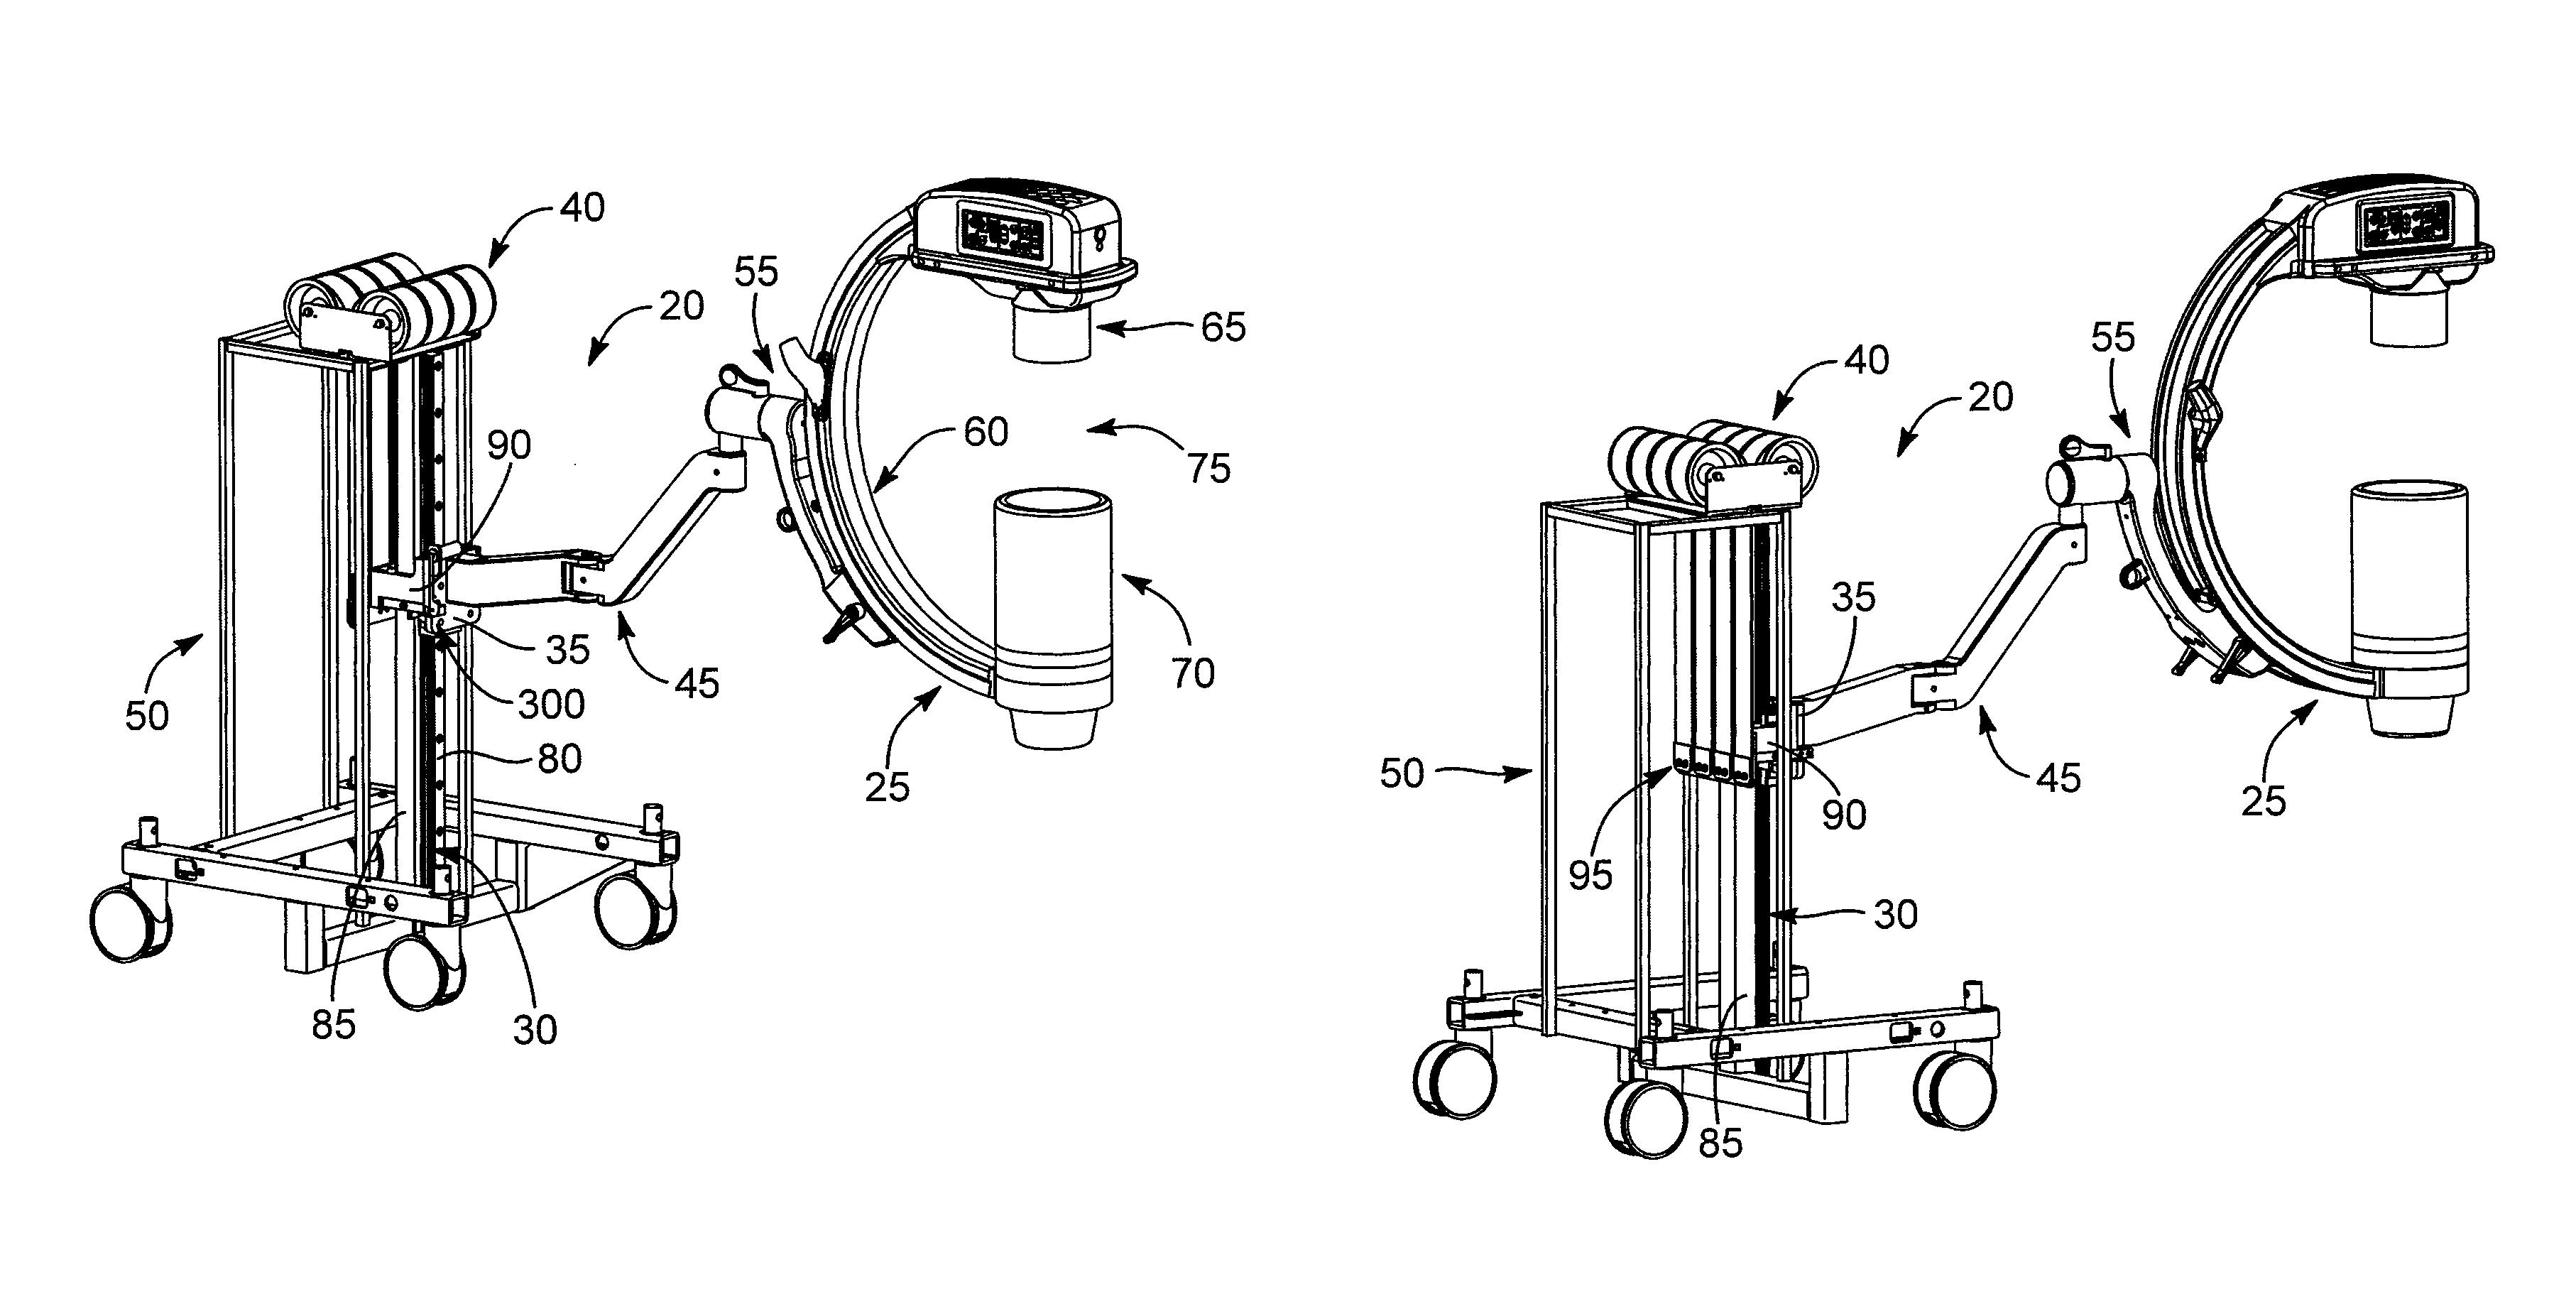 patent us8465203